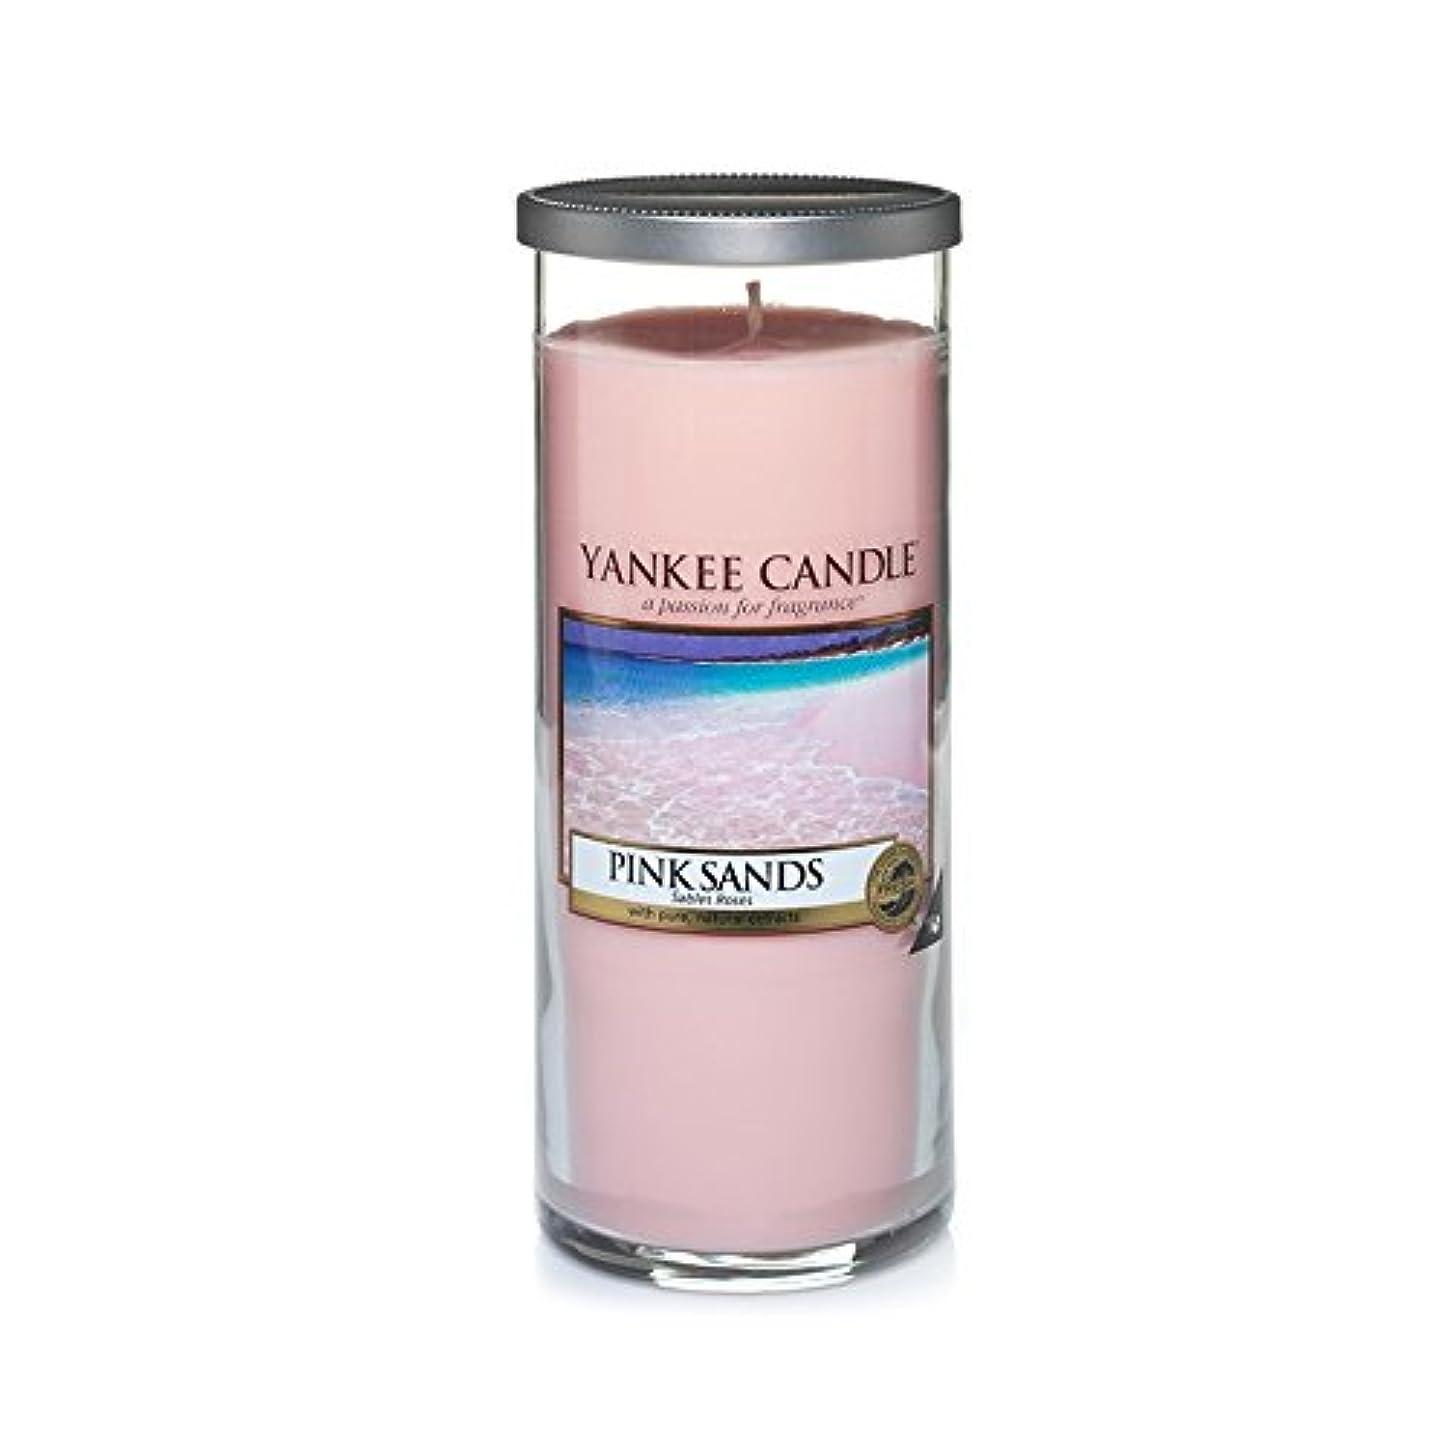 違う先のことを考えるモナリザYankee Candles Large Pillar Candle - Pink Sands? (Pack of 2) - ヤンキーキャンドル大きな柱キャンドル - ピンクの砂? (x2) [並行輸入品]